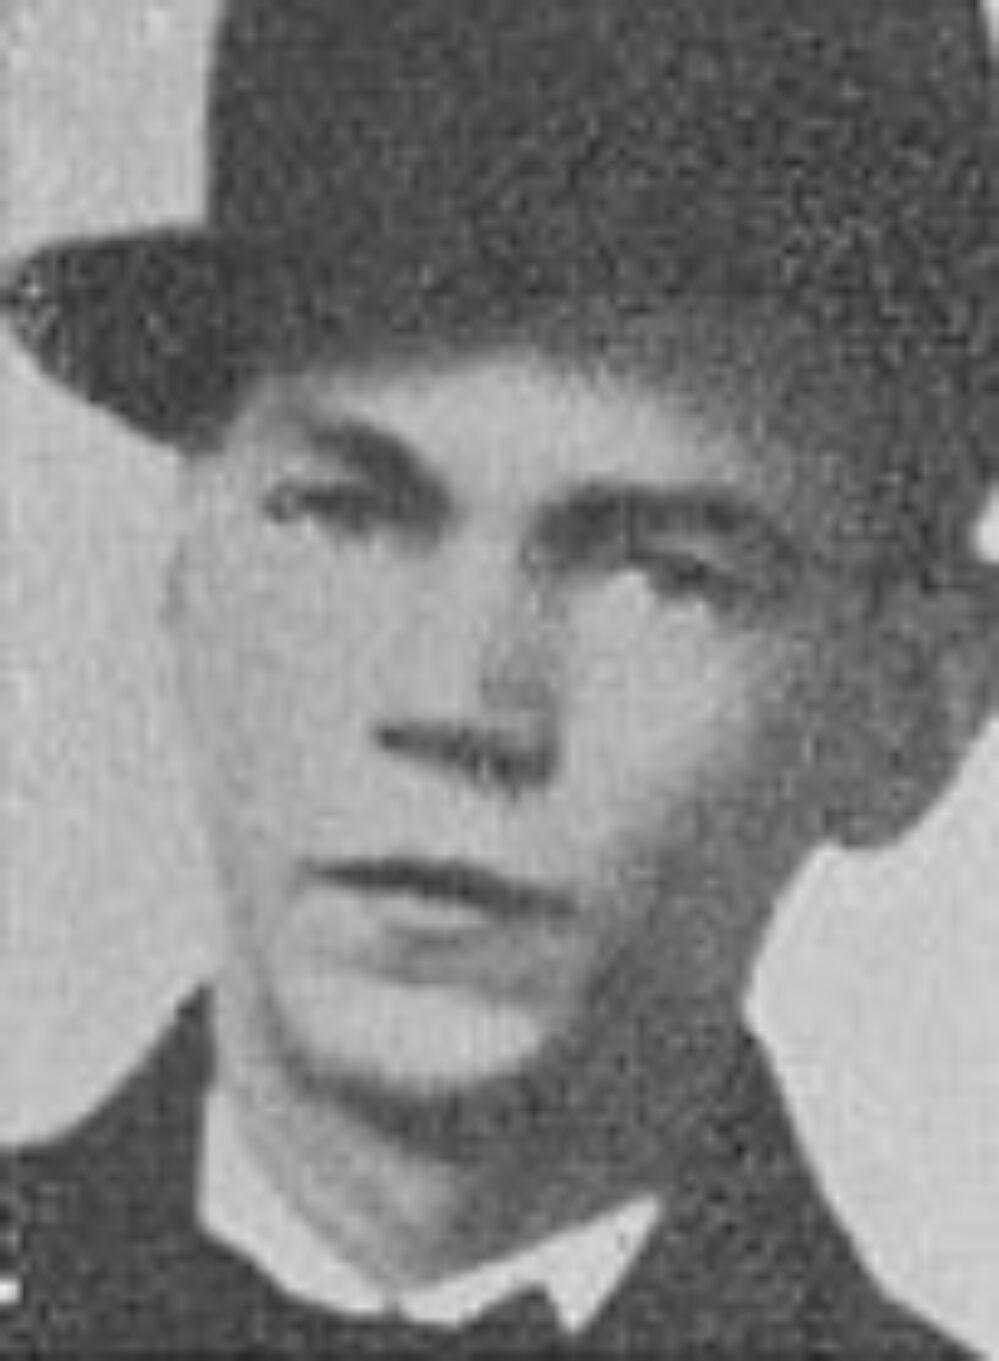 John Bernhard Johnsen